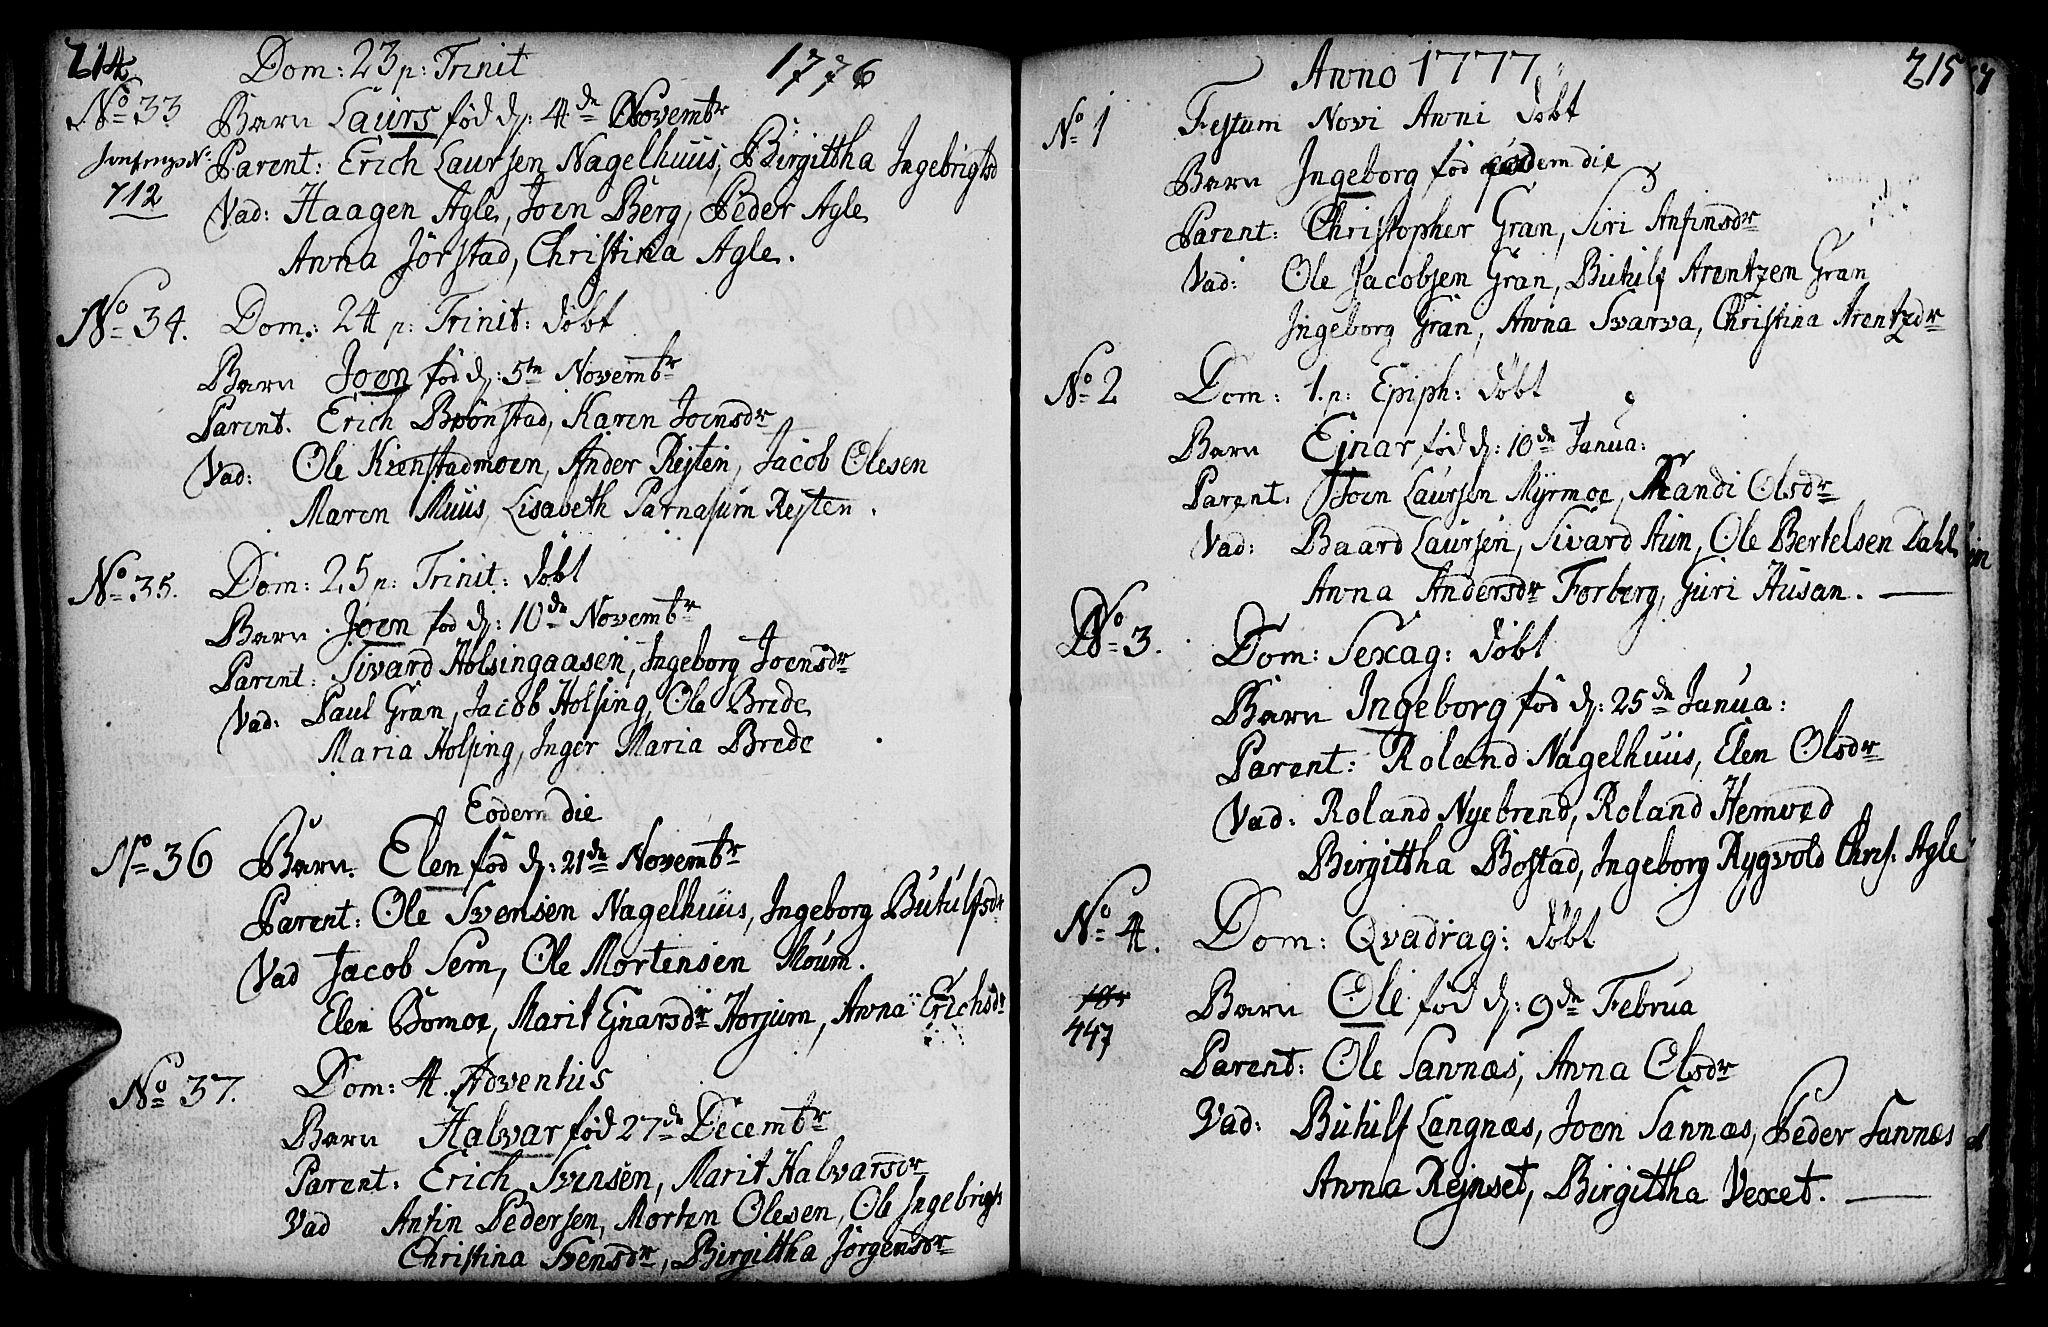 SAT, Ministerialprotokoller, klokkerbøker og fødselsregistre - Nord-Trøndelag, 749/L0467: Ministerialbok nr. 749A01, 1733-1787, s. 214-215